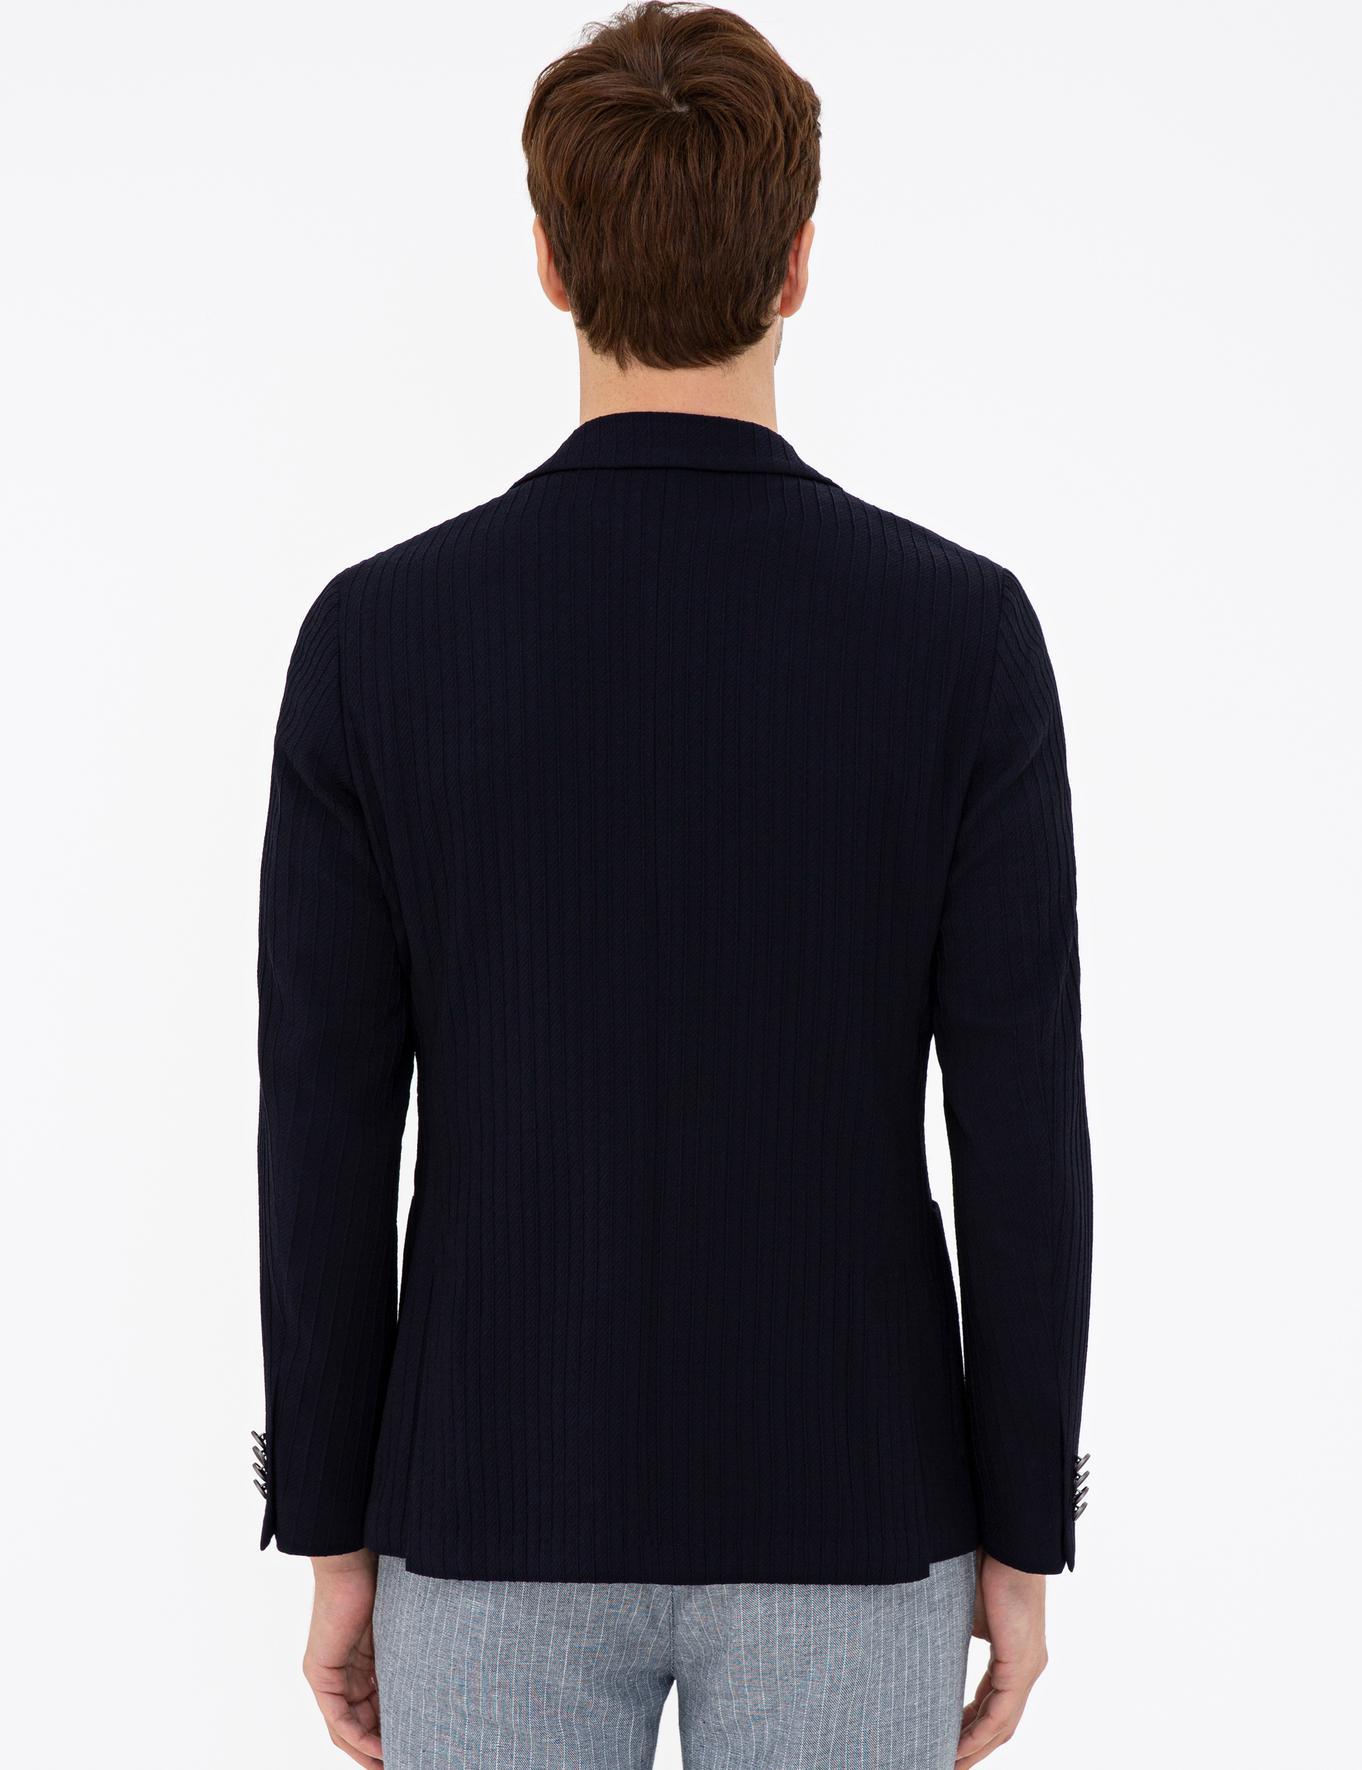 Lacivert Ex.Slim Fit Ceket - 50232602017